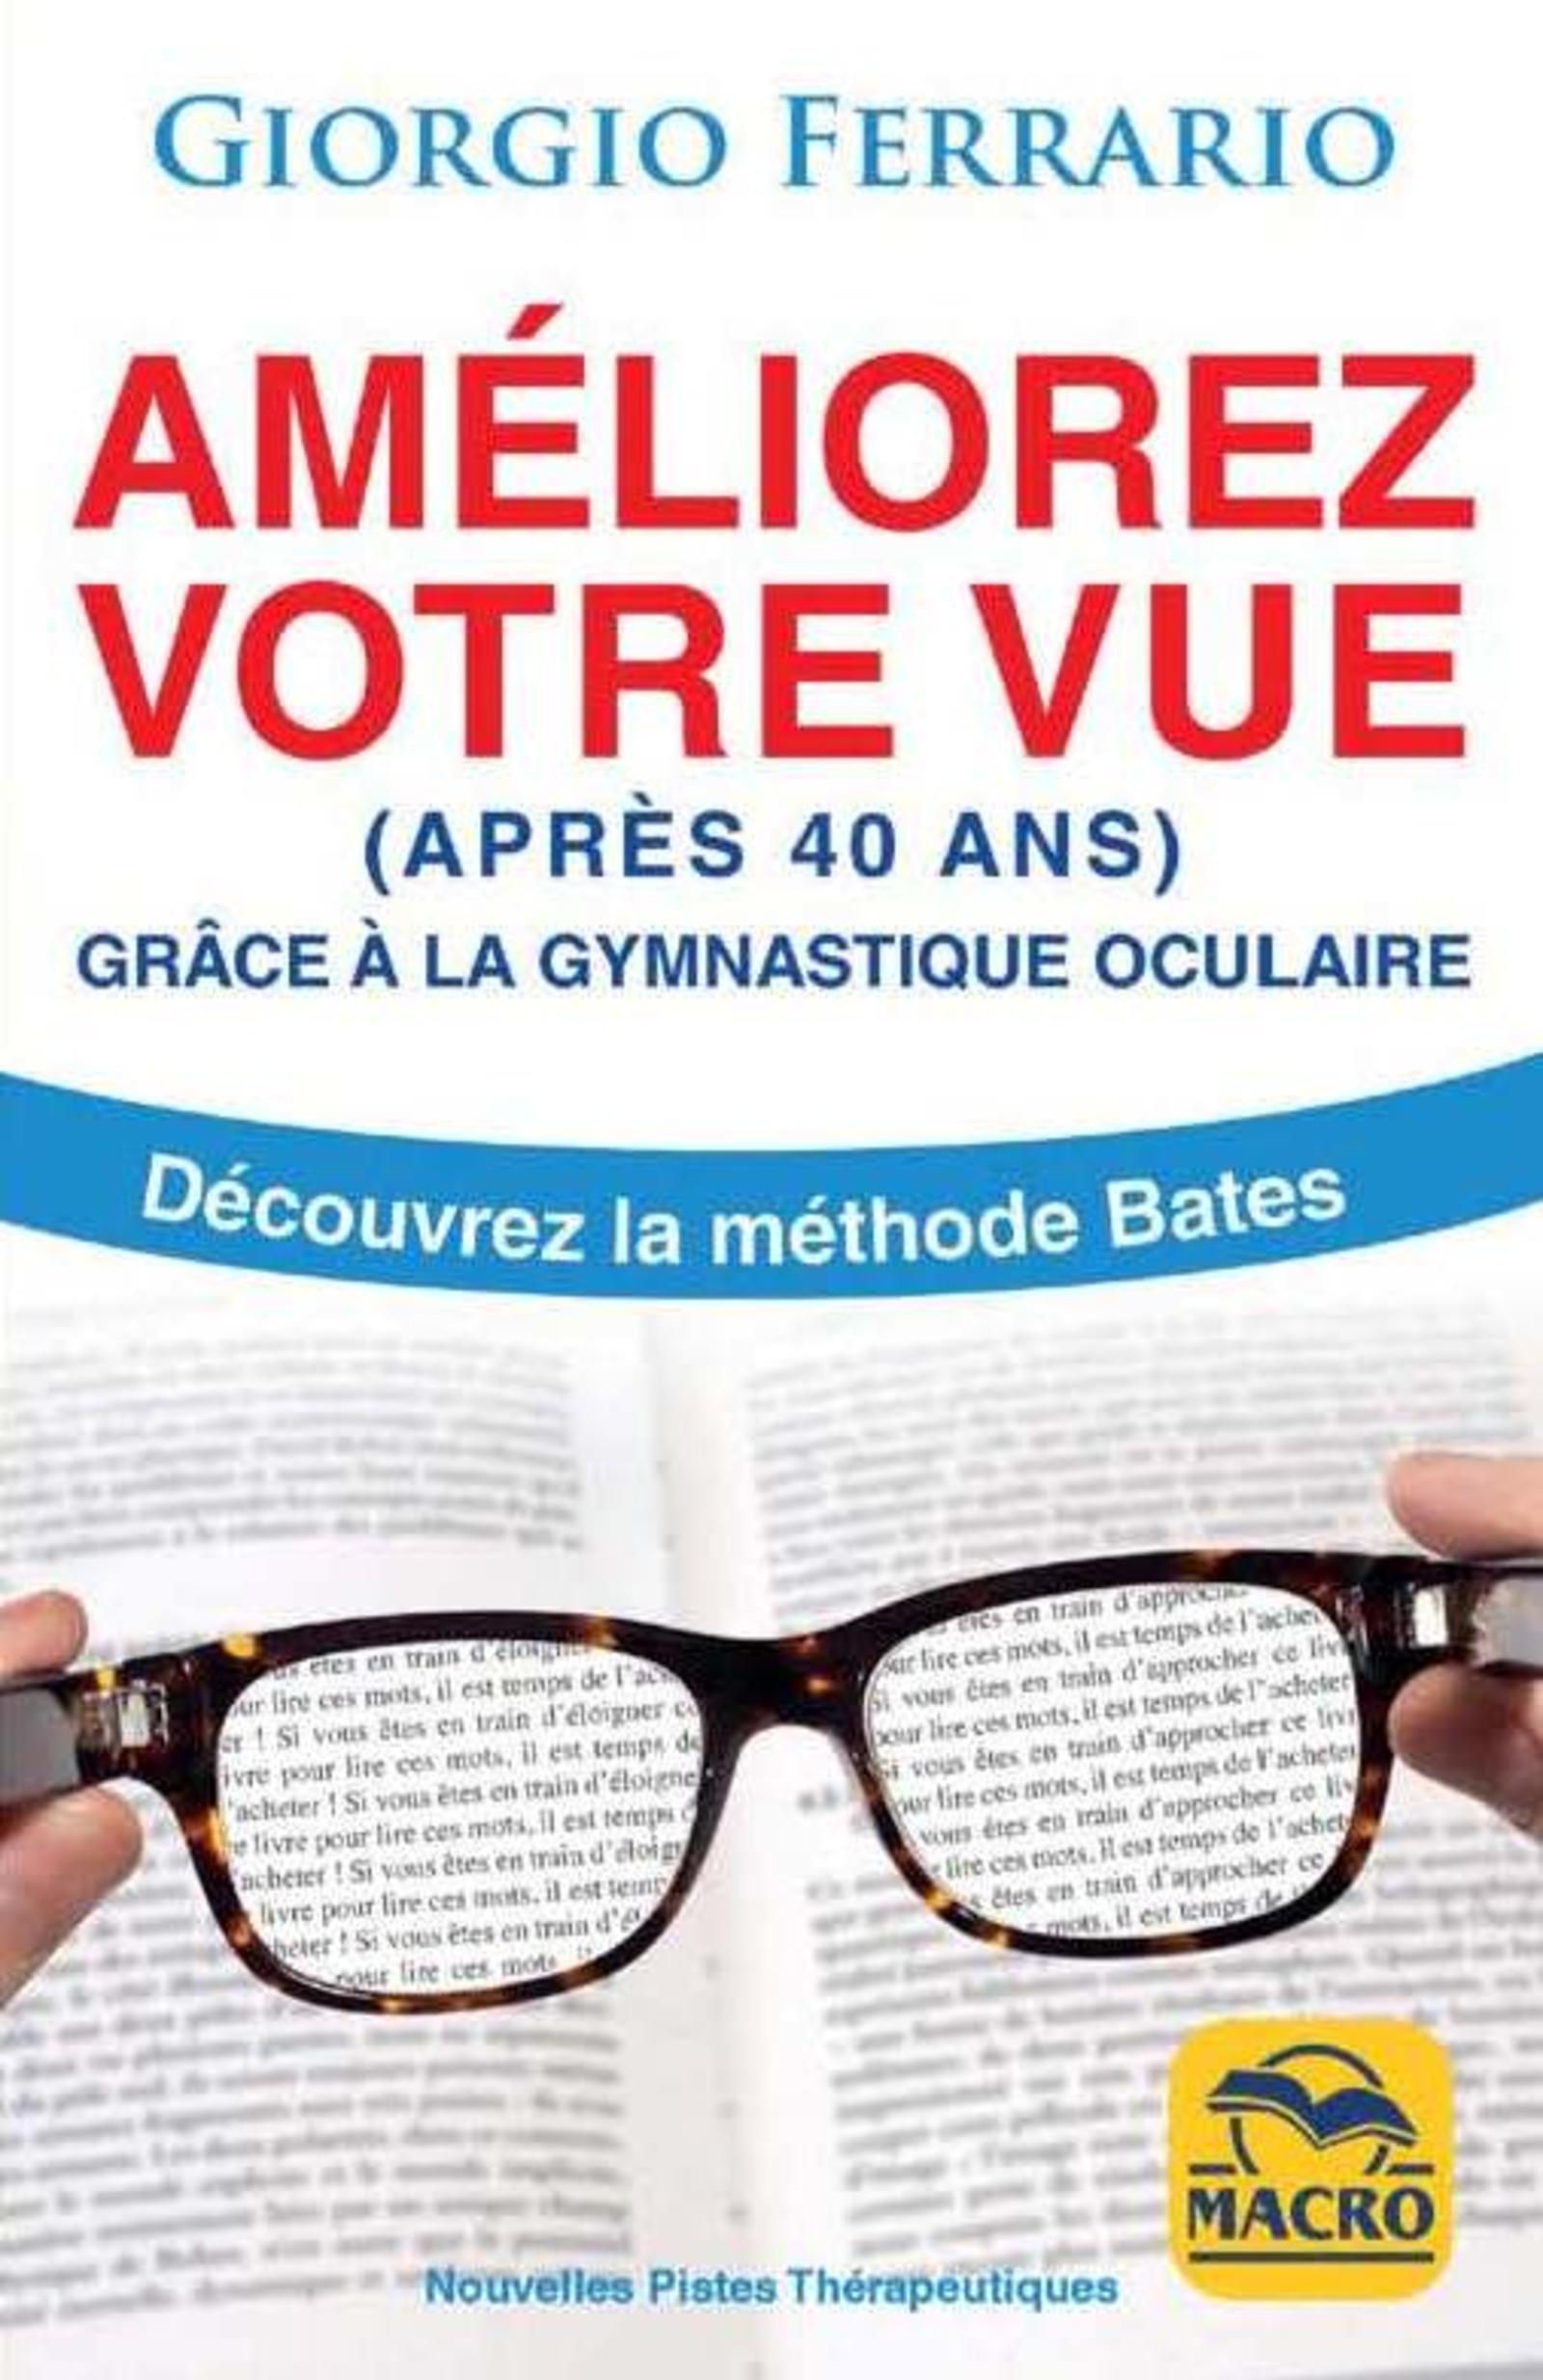 AMELIOREZ VOTRE VUE (APRES 40 ANS) - GRACE A LA GYMNASTIQUE OCULAIRE. DECOUVREZ LA METHODE BATES